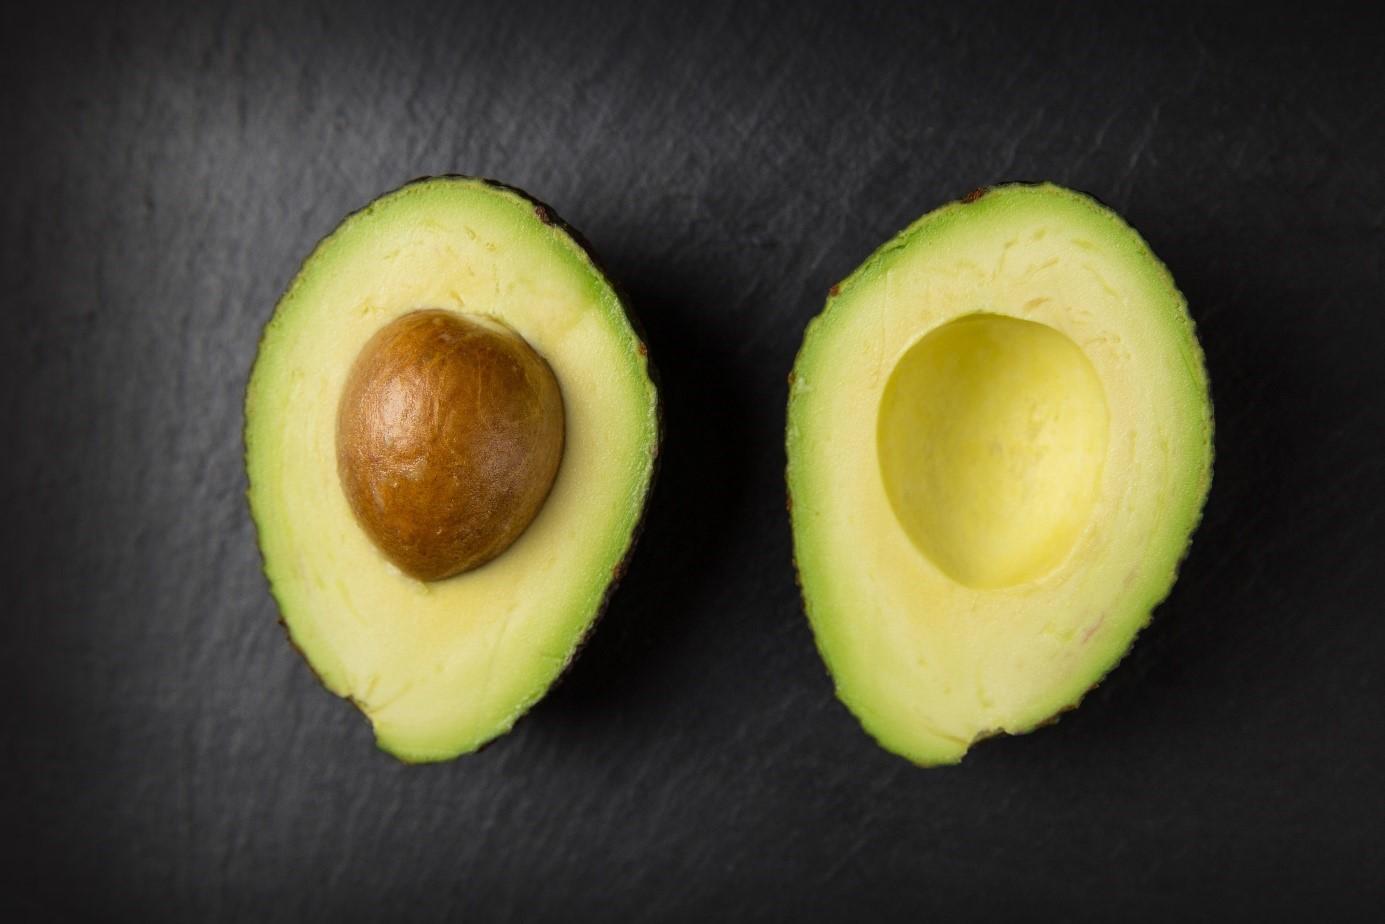 is avocado gezond - 7 gezondheidsvoordelen op een rij